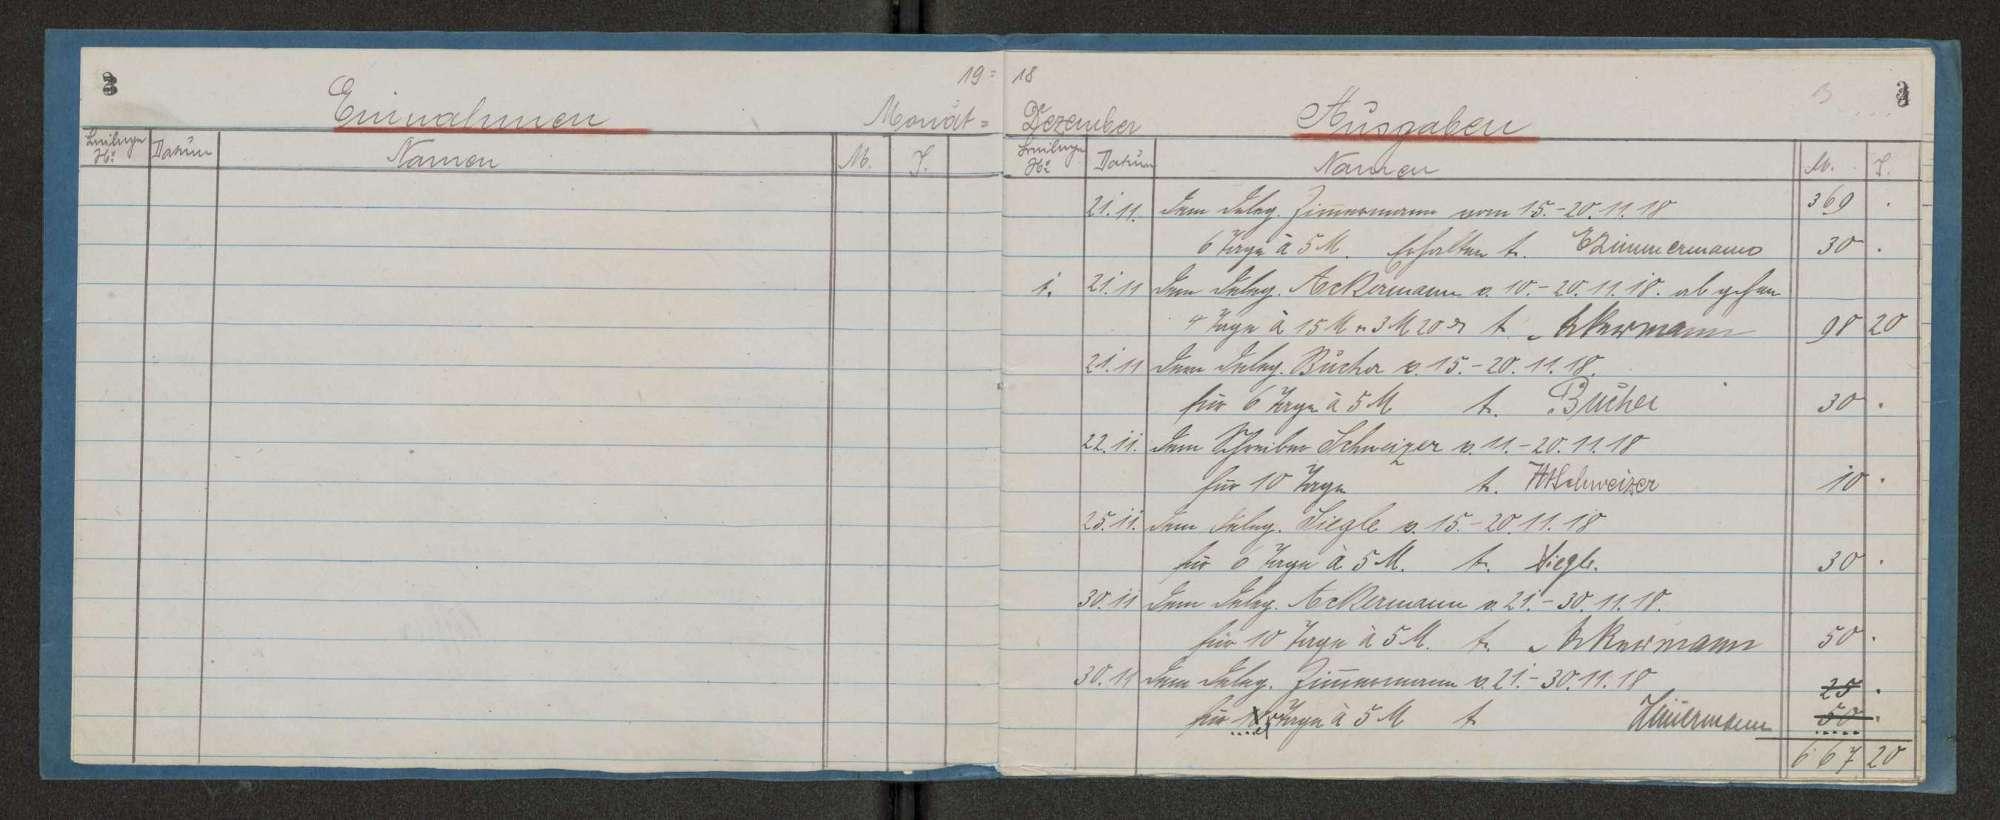 Kassa-Buch über Einnahmen und Ausgaben des Garnisonrats, Bild 3